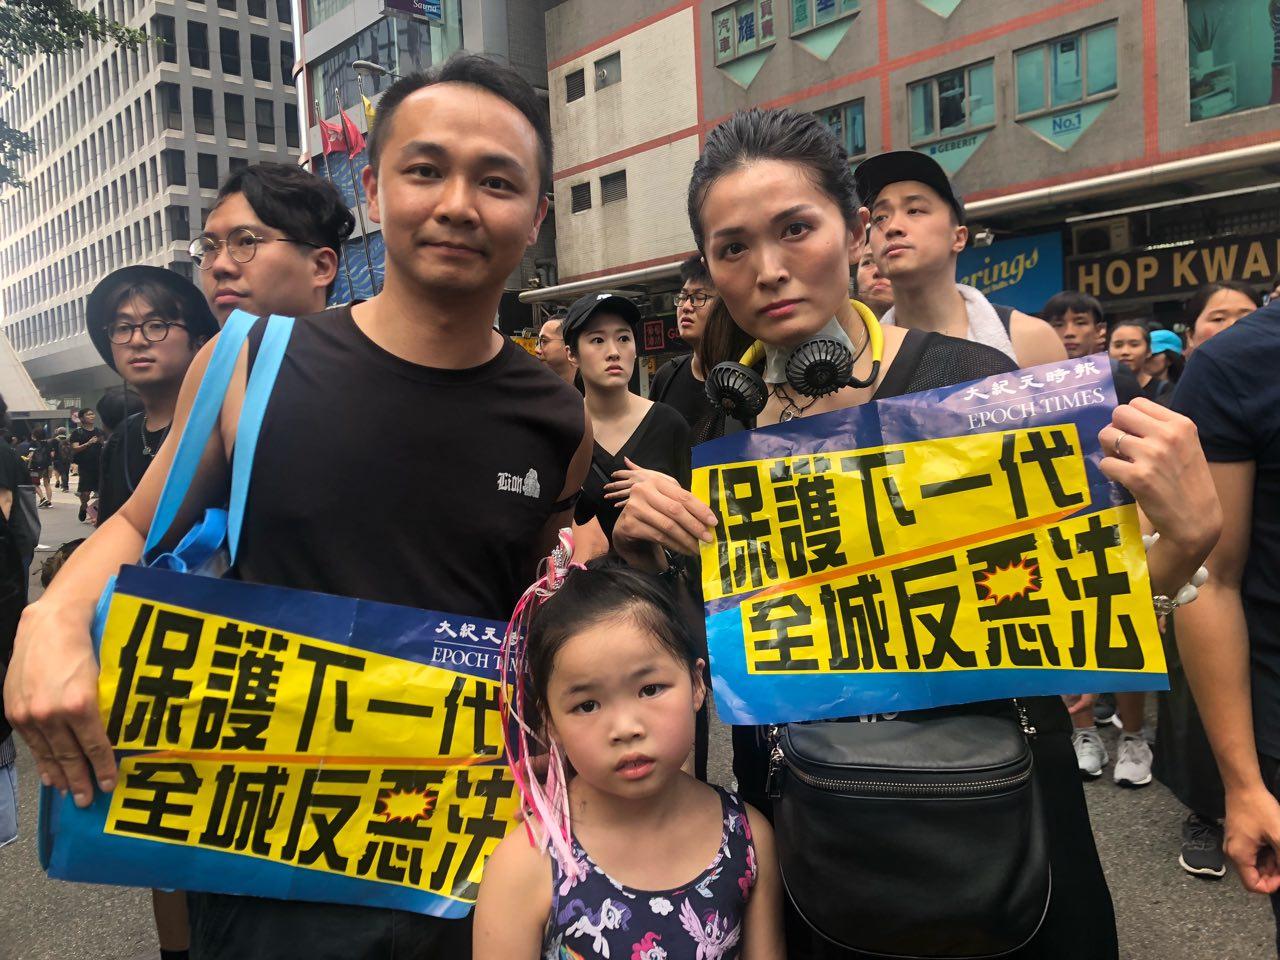 首次參加遊行的劉生劉太,決心為保護下一代站出來。(梁珍/大紀元)